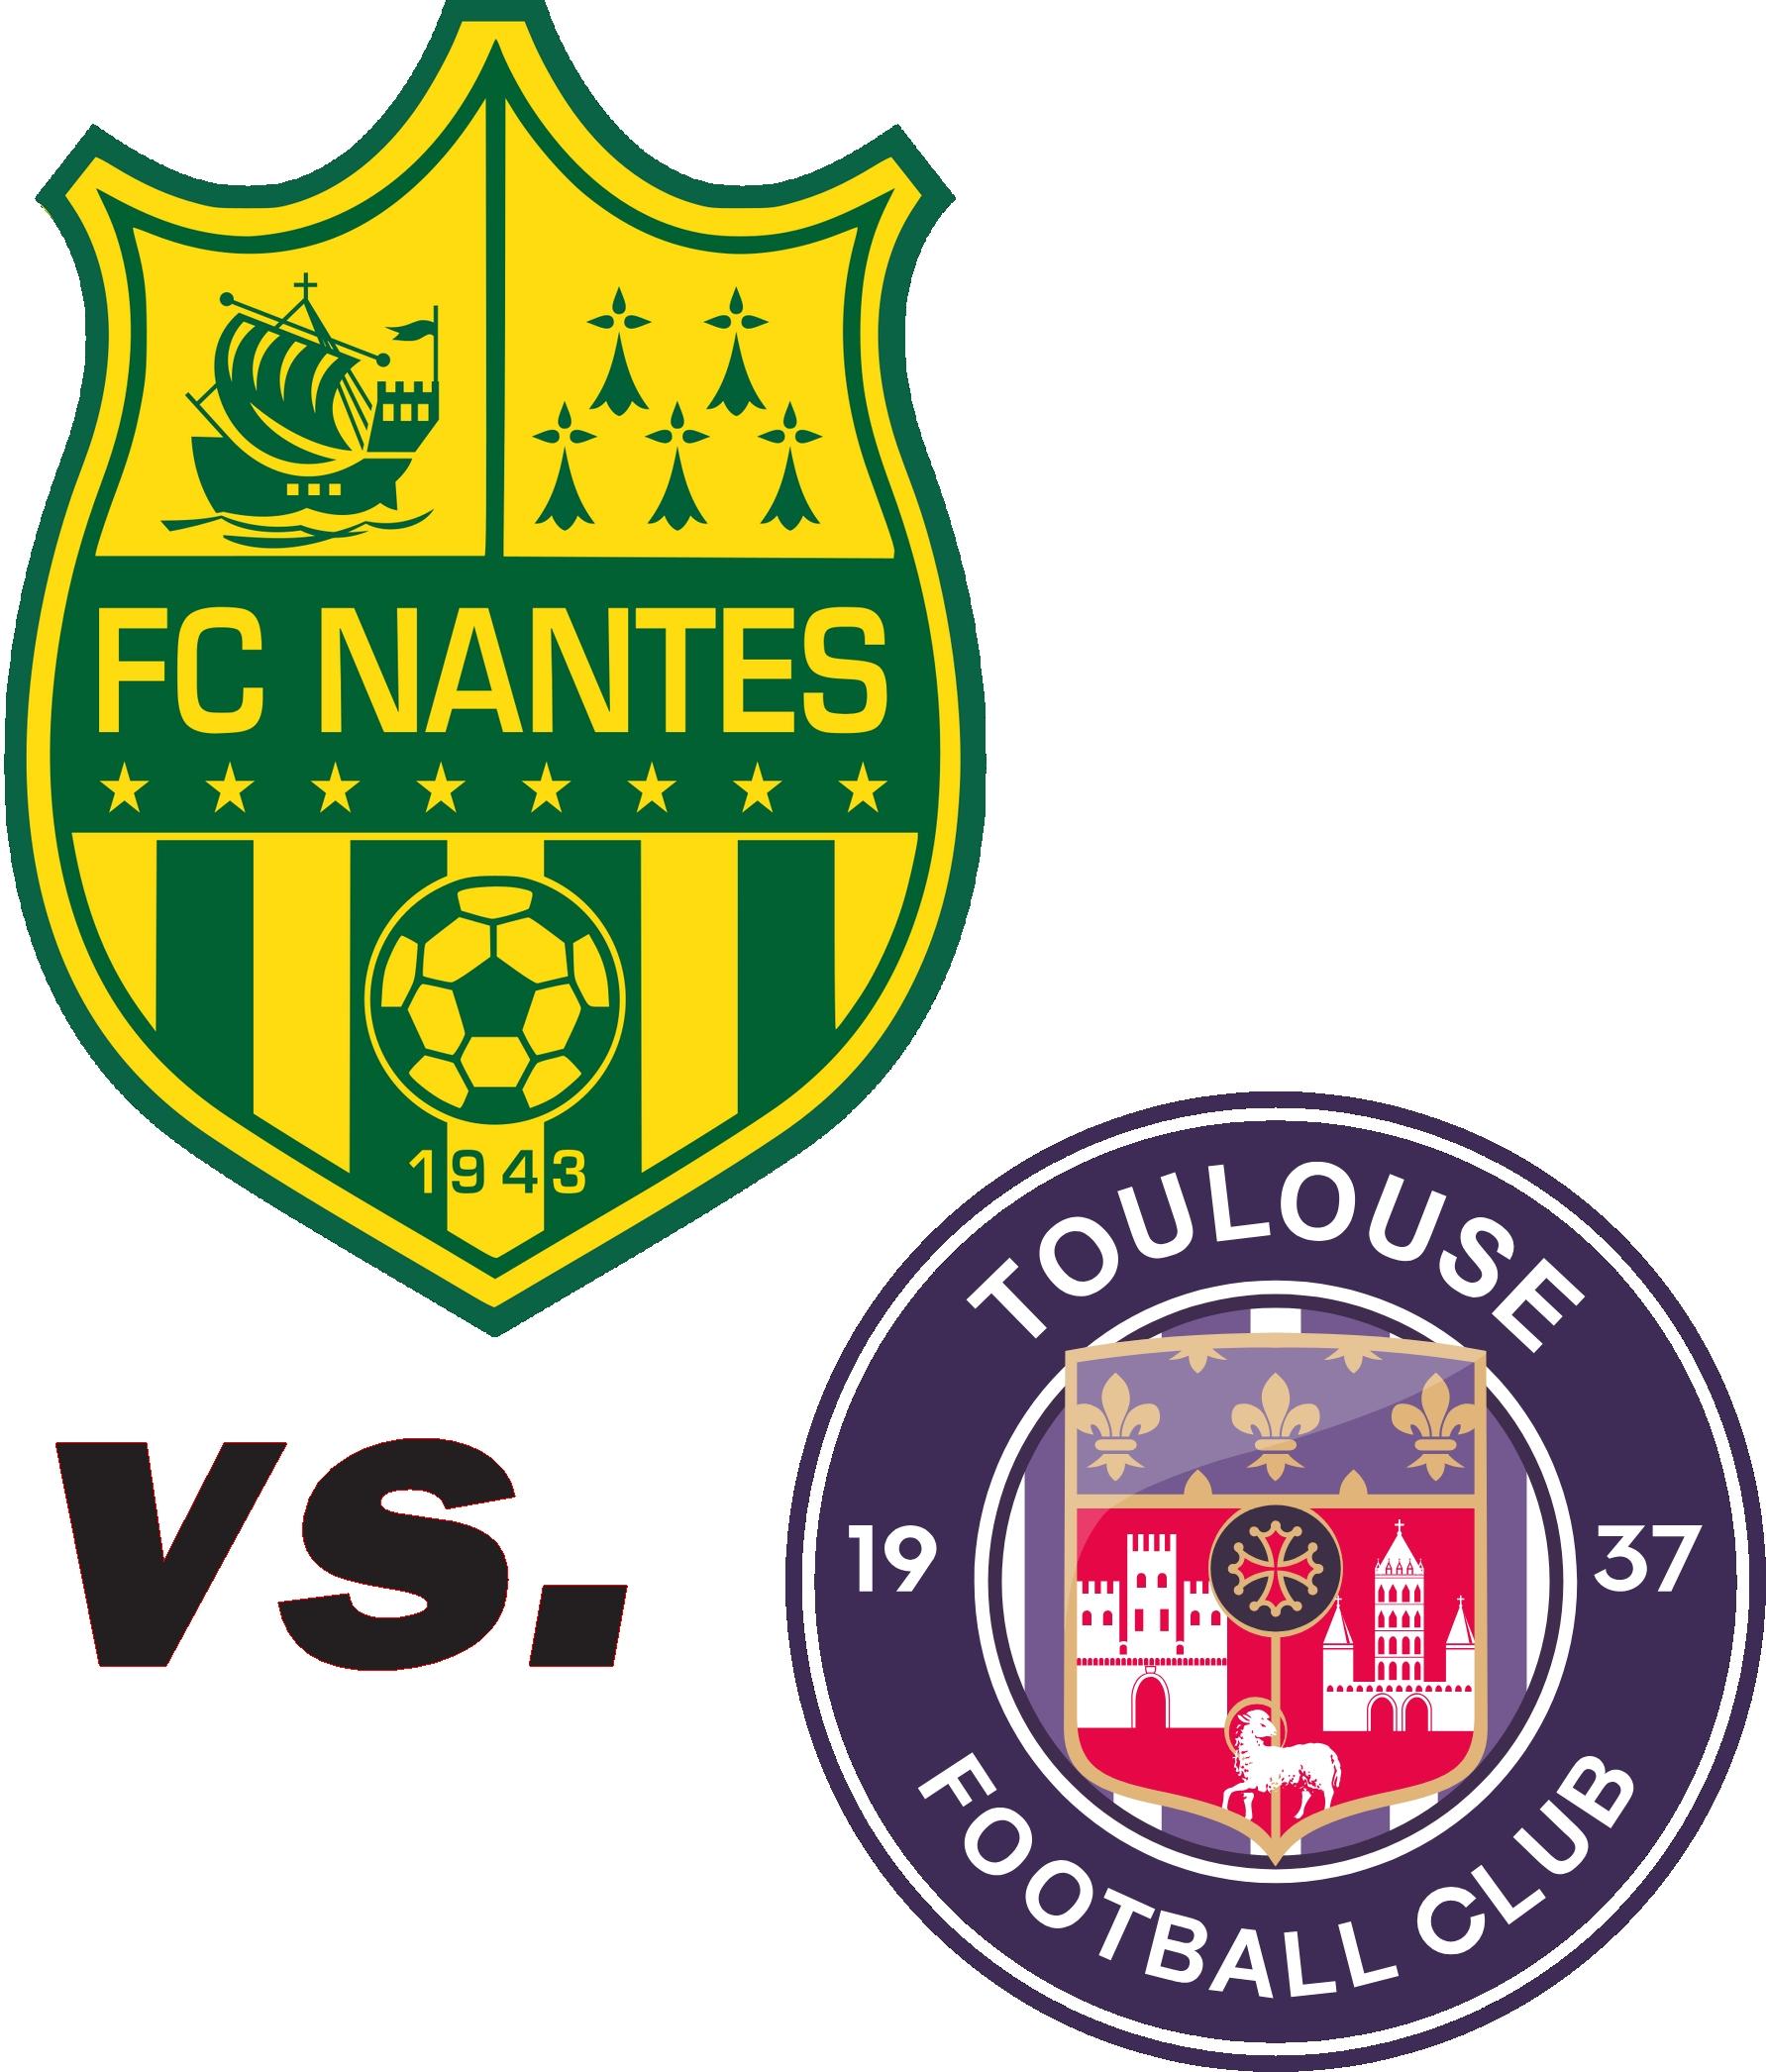 Toutes les tribunes à 10€ ou 5€ pour les moins de 12 ans pour le match FC Nantes / Toulouse FC - le samedi 20 octobre (20 h), à Nantes (44)